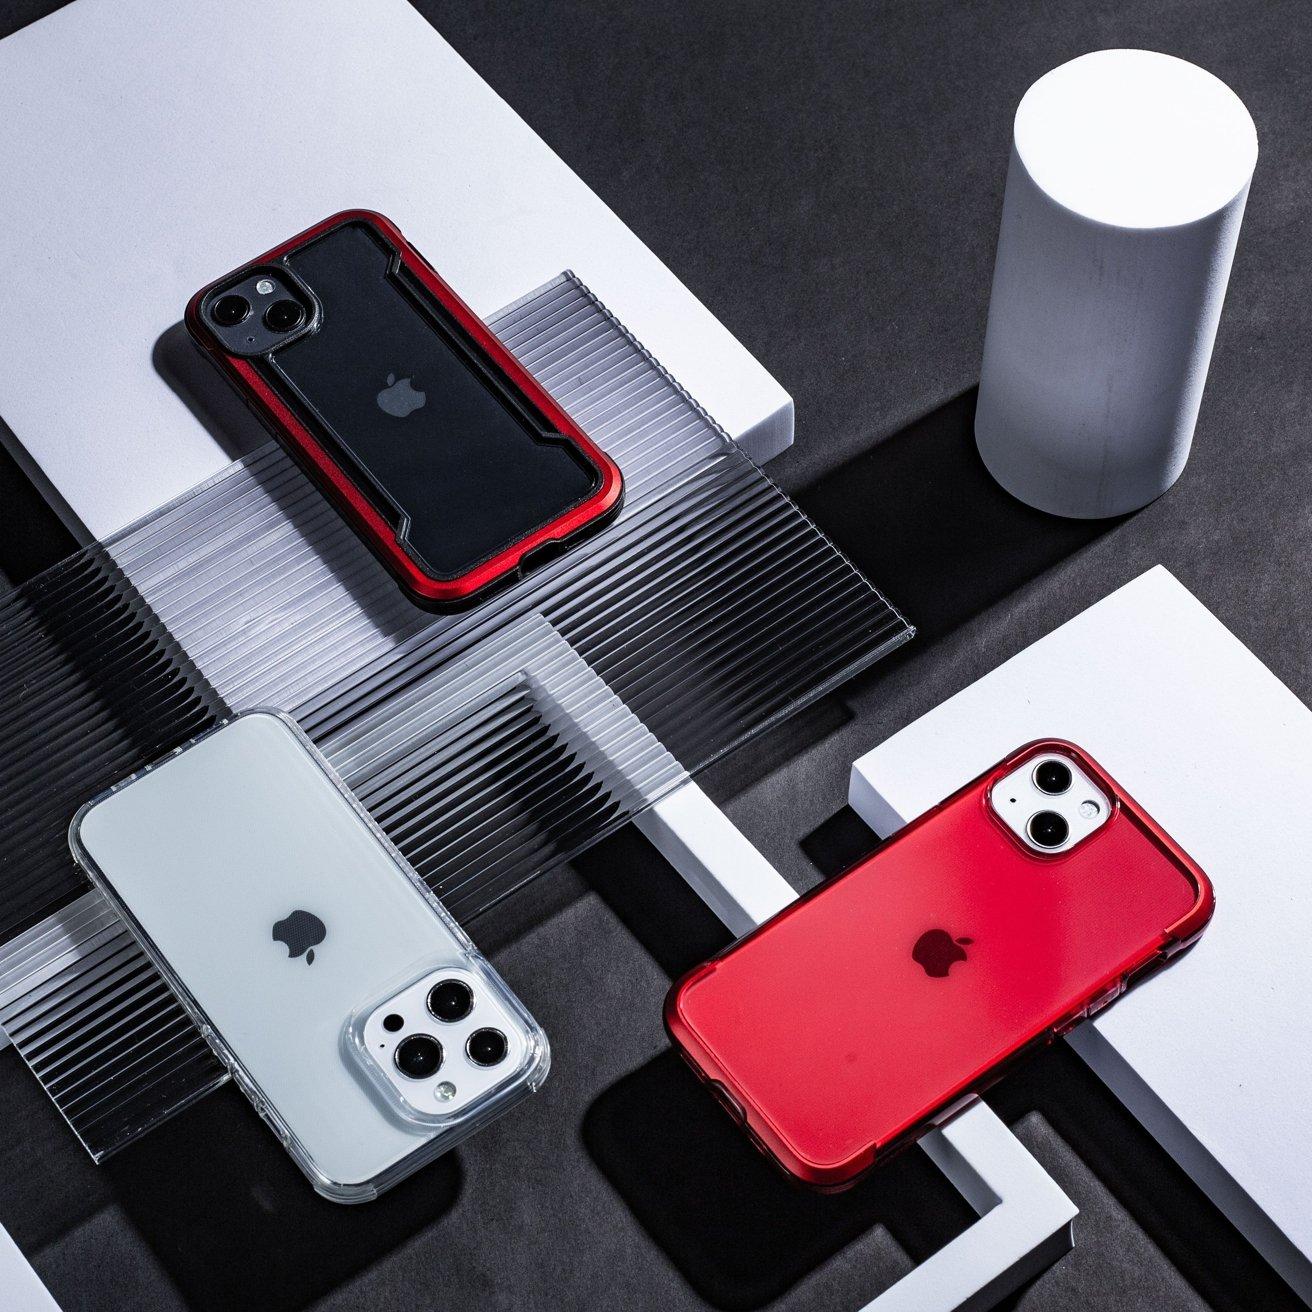 Raptic's new iPhone 13 cases